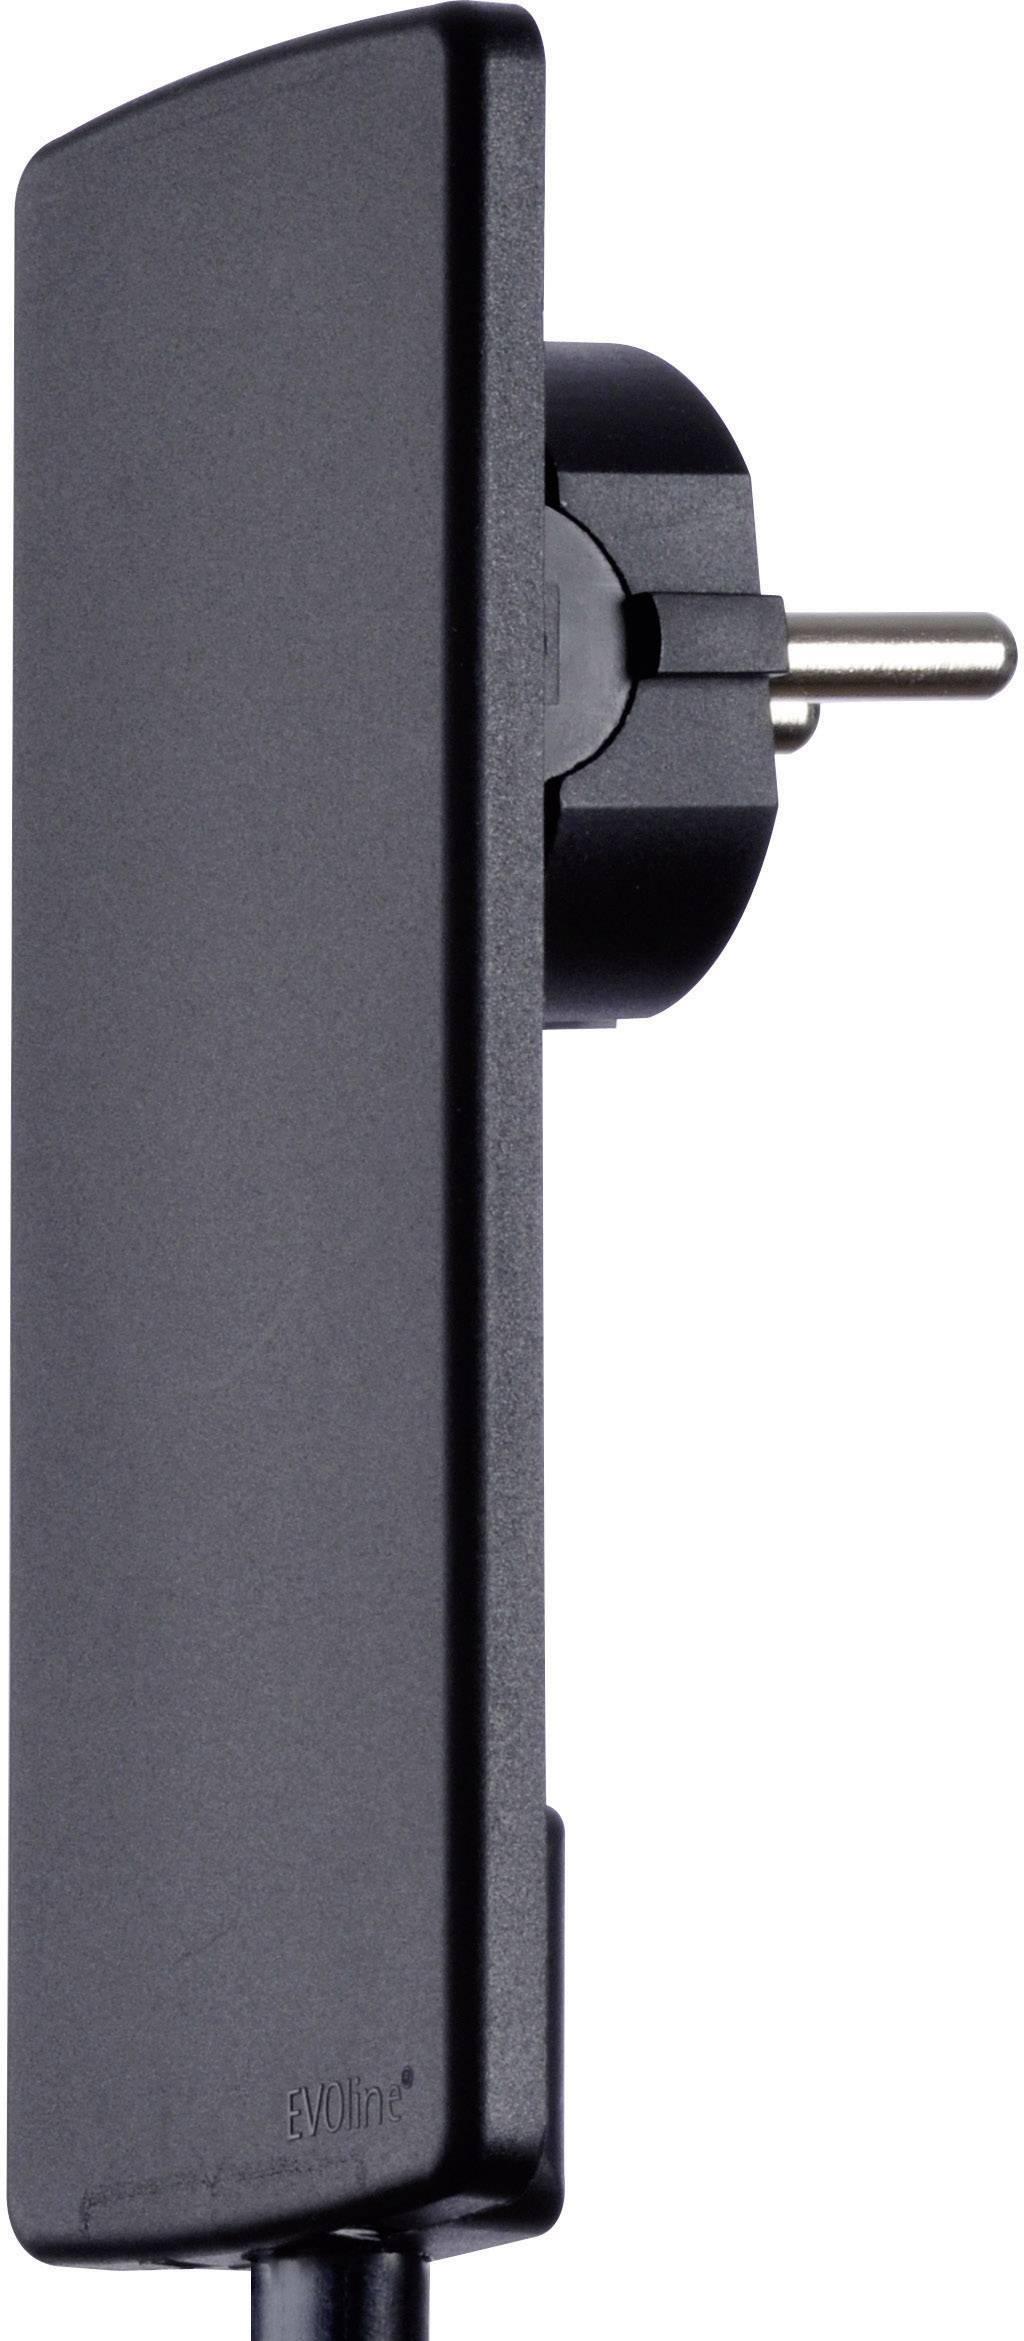 Plochá zástrčka SchuKo EVOline EVOline Plug 1510.0000.0100, umelá hmota, 230 V, čierna